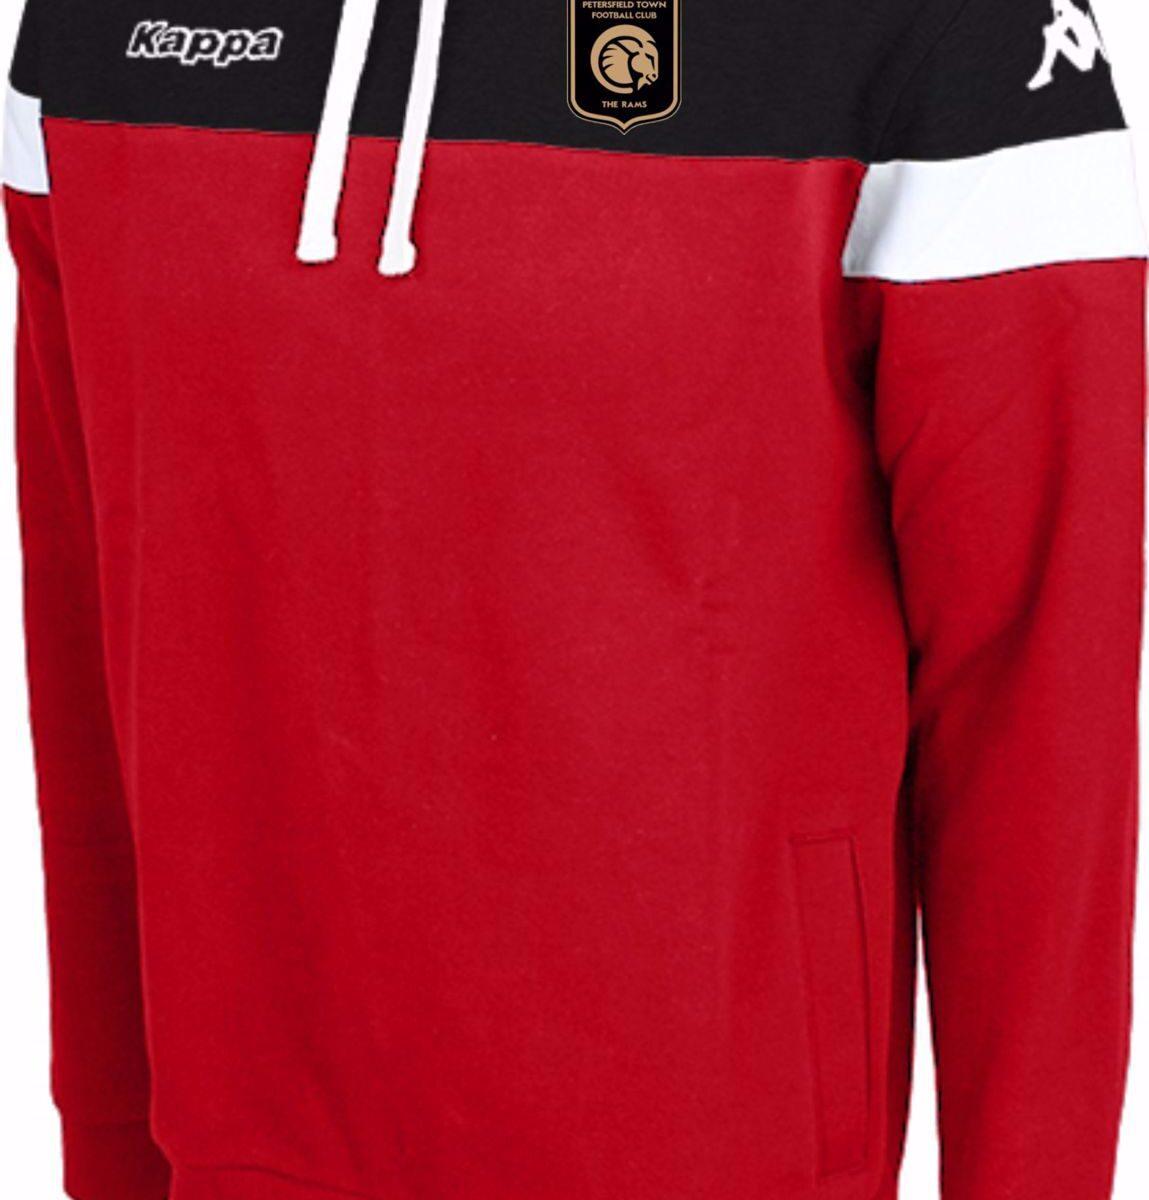 Kappa Accio Hooded Sweatshirt  304IJS0 939- Red/Black Petersfield Town FC